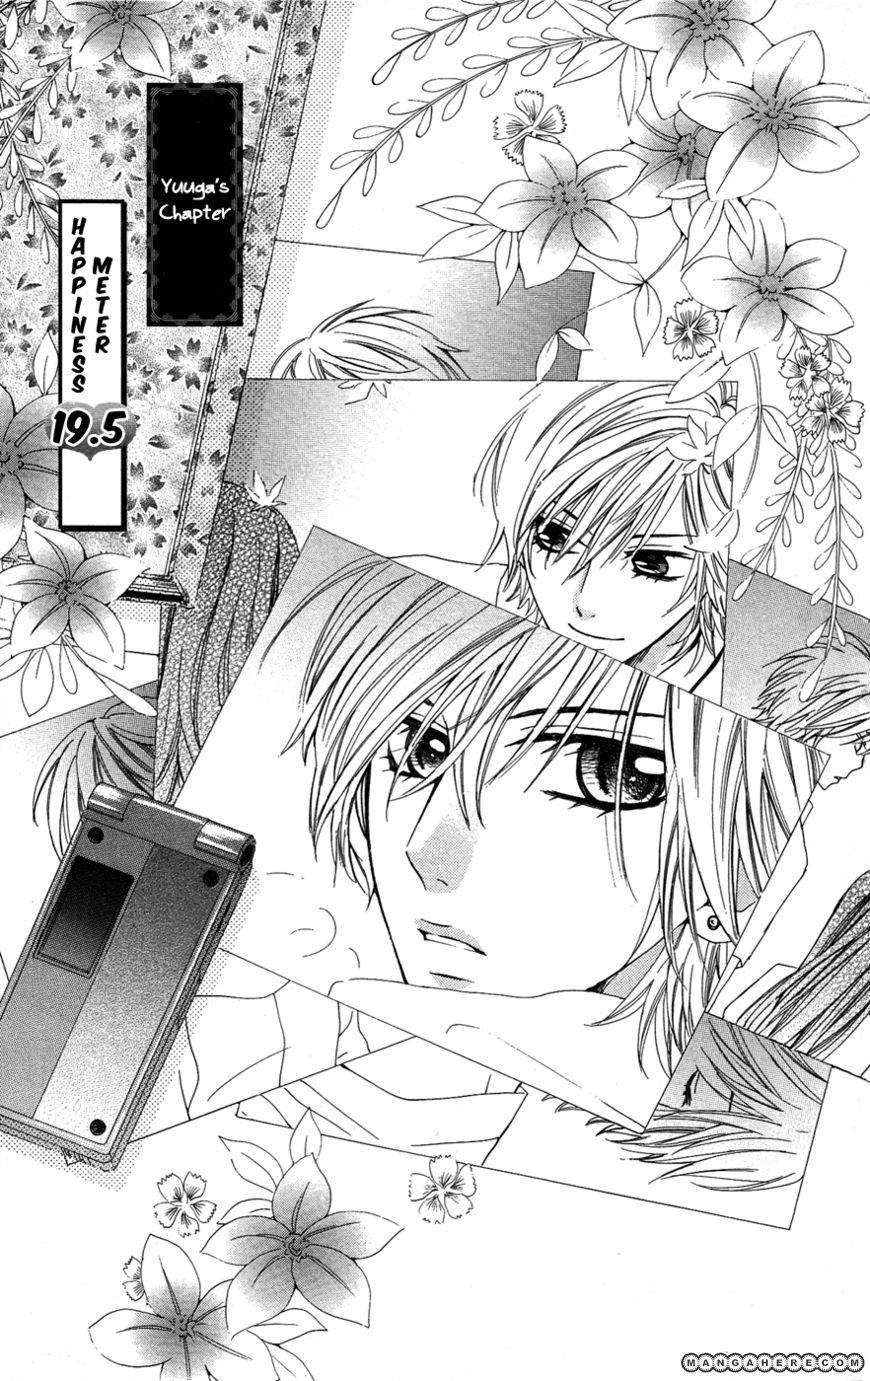 Ojousama Wa Oyomesama 19.5 Page 1